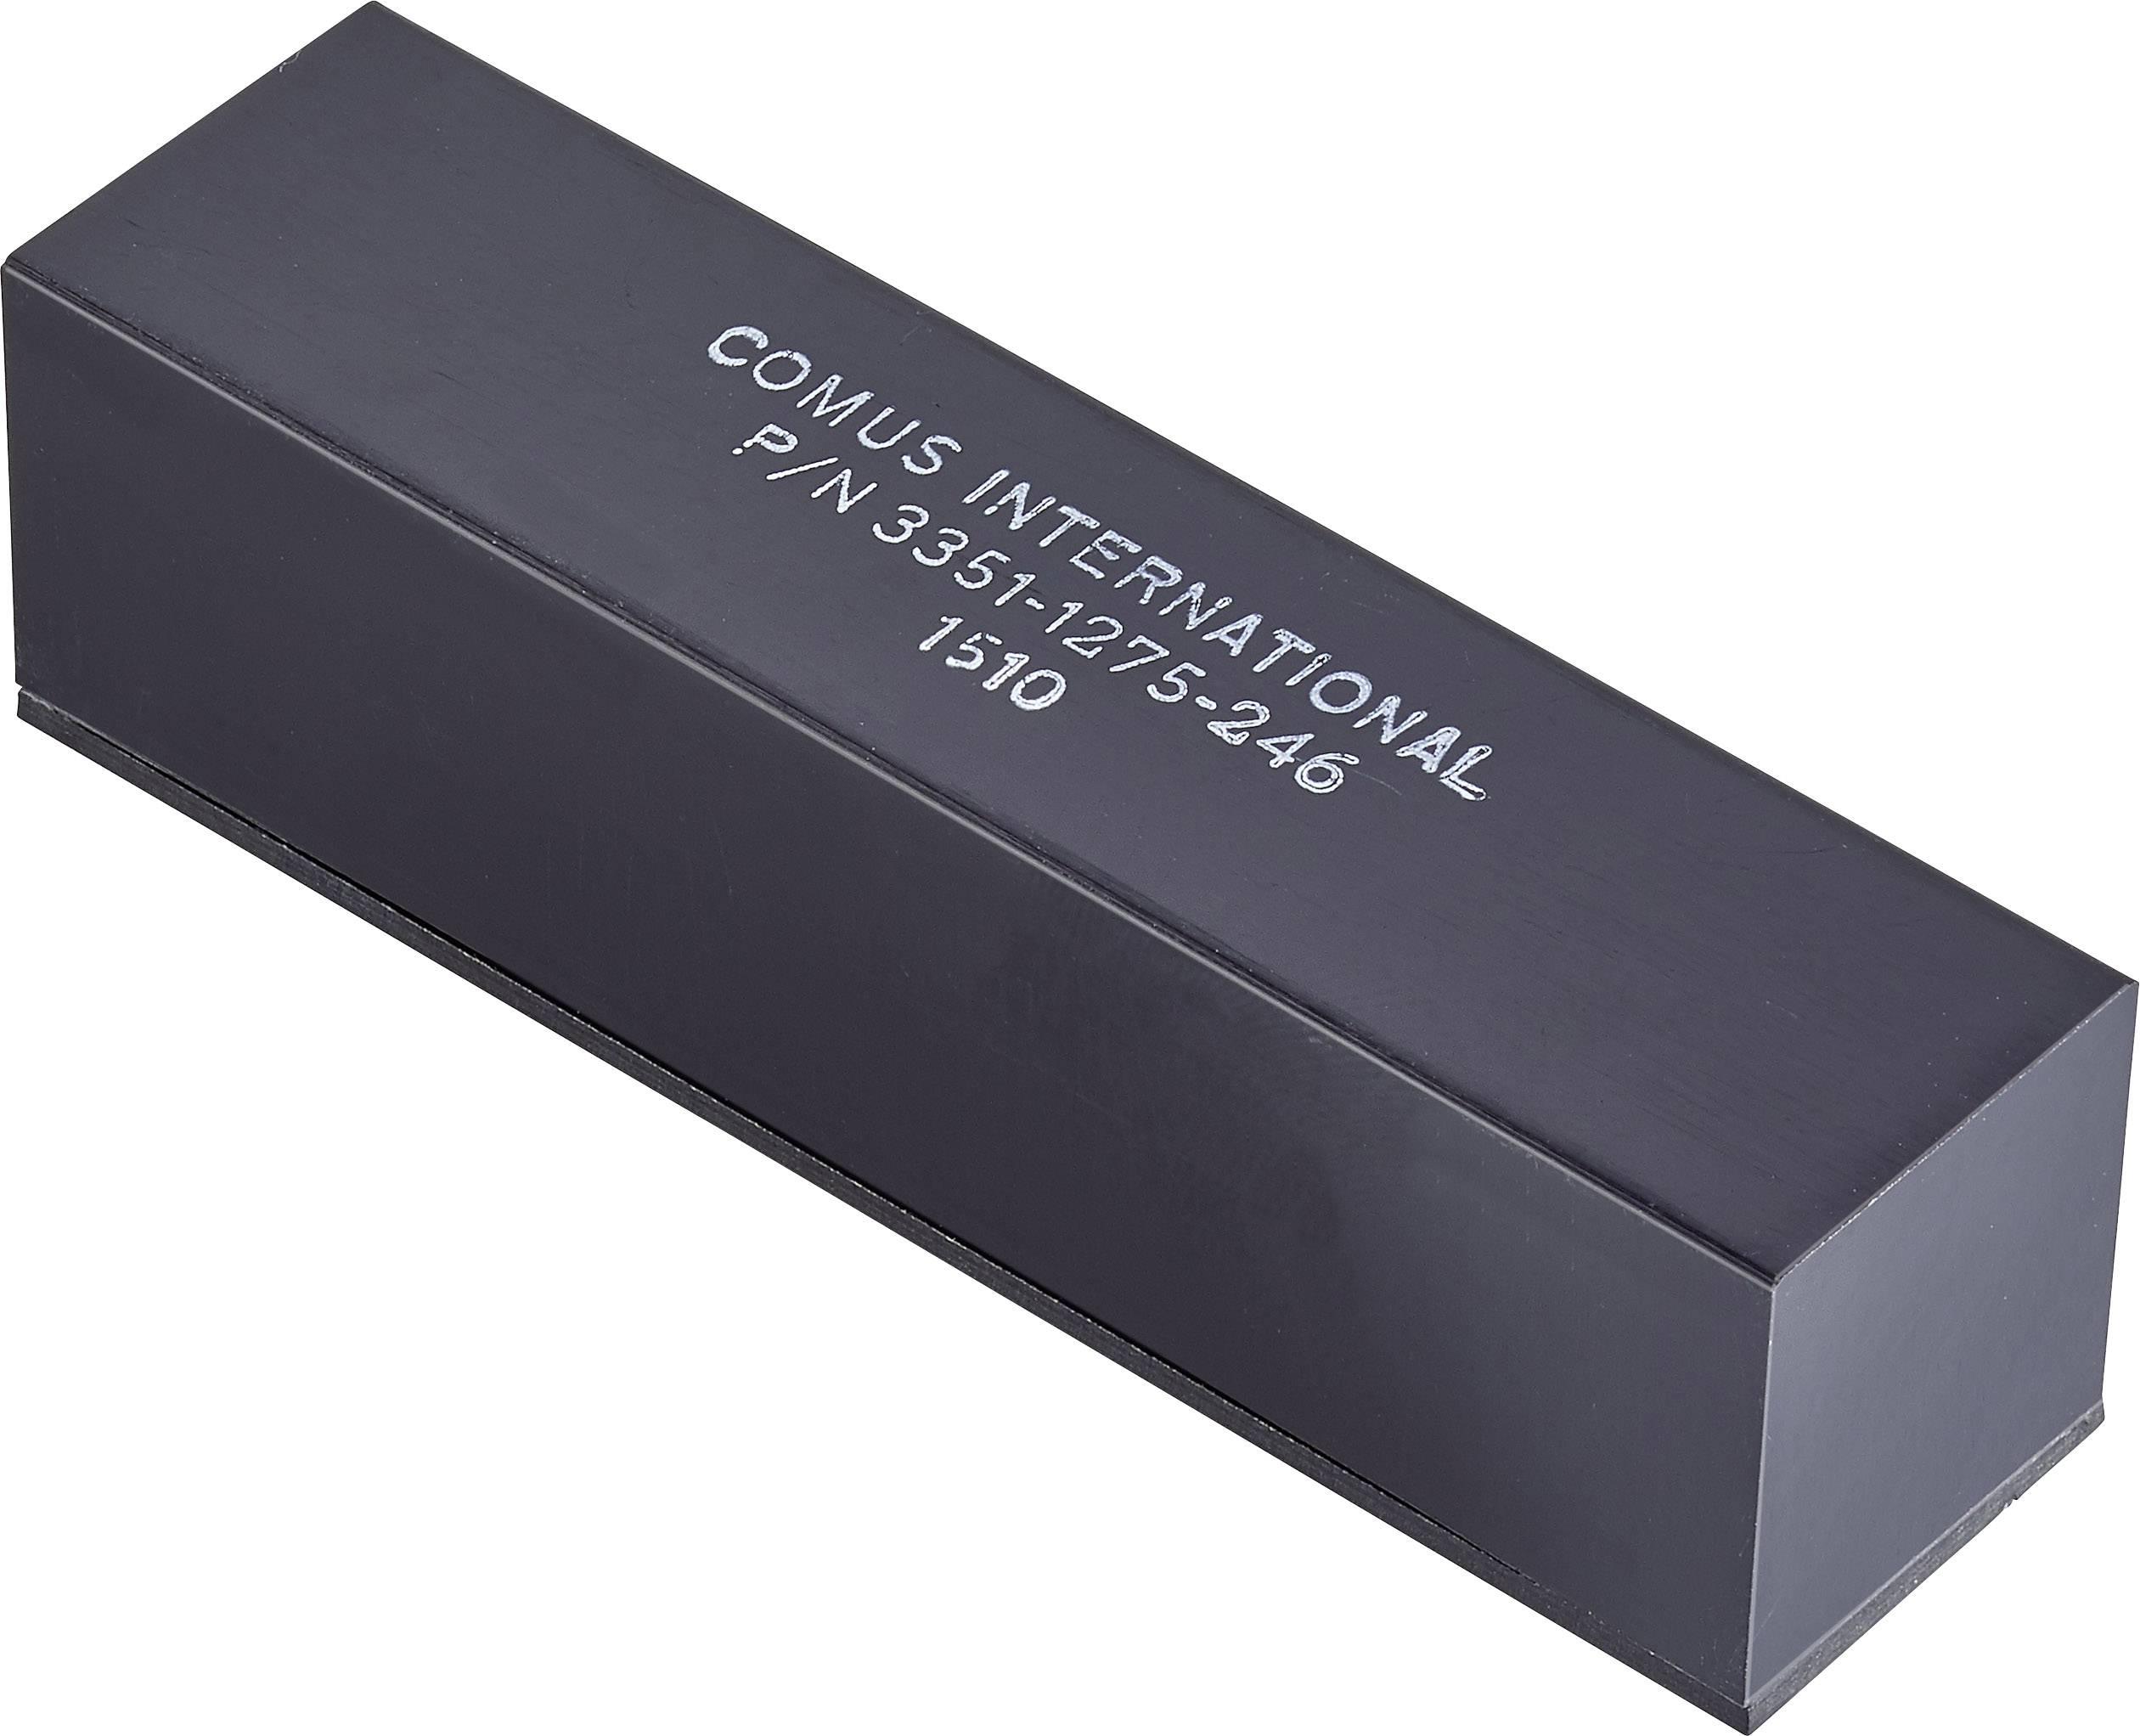 Relé s jazýčkovým kontaktem Comus 3351-1275-056, 3351-1275-056, 1 spínací kontakt, 5 V/DC, 3 A, 50 W